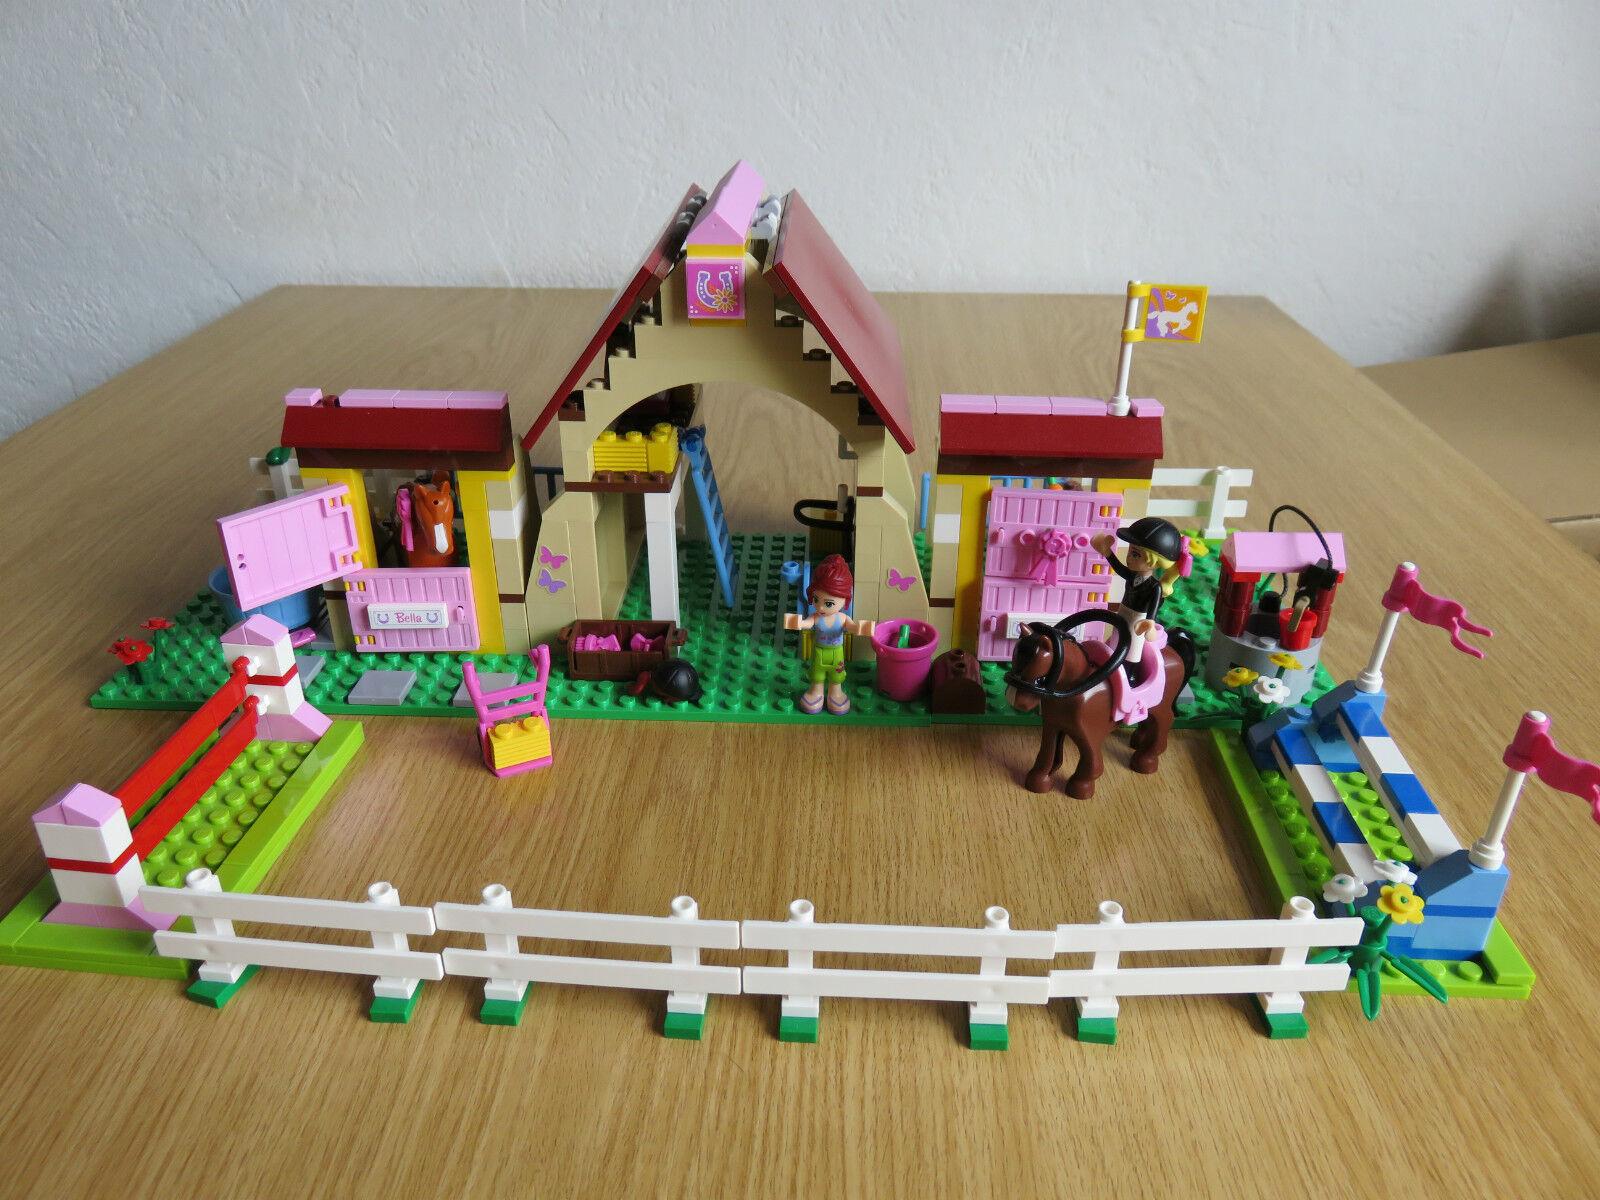 Lego Friends 3189 Pferdestall mit Aufbauanleitung komplett komplett komplett 652d57